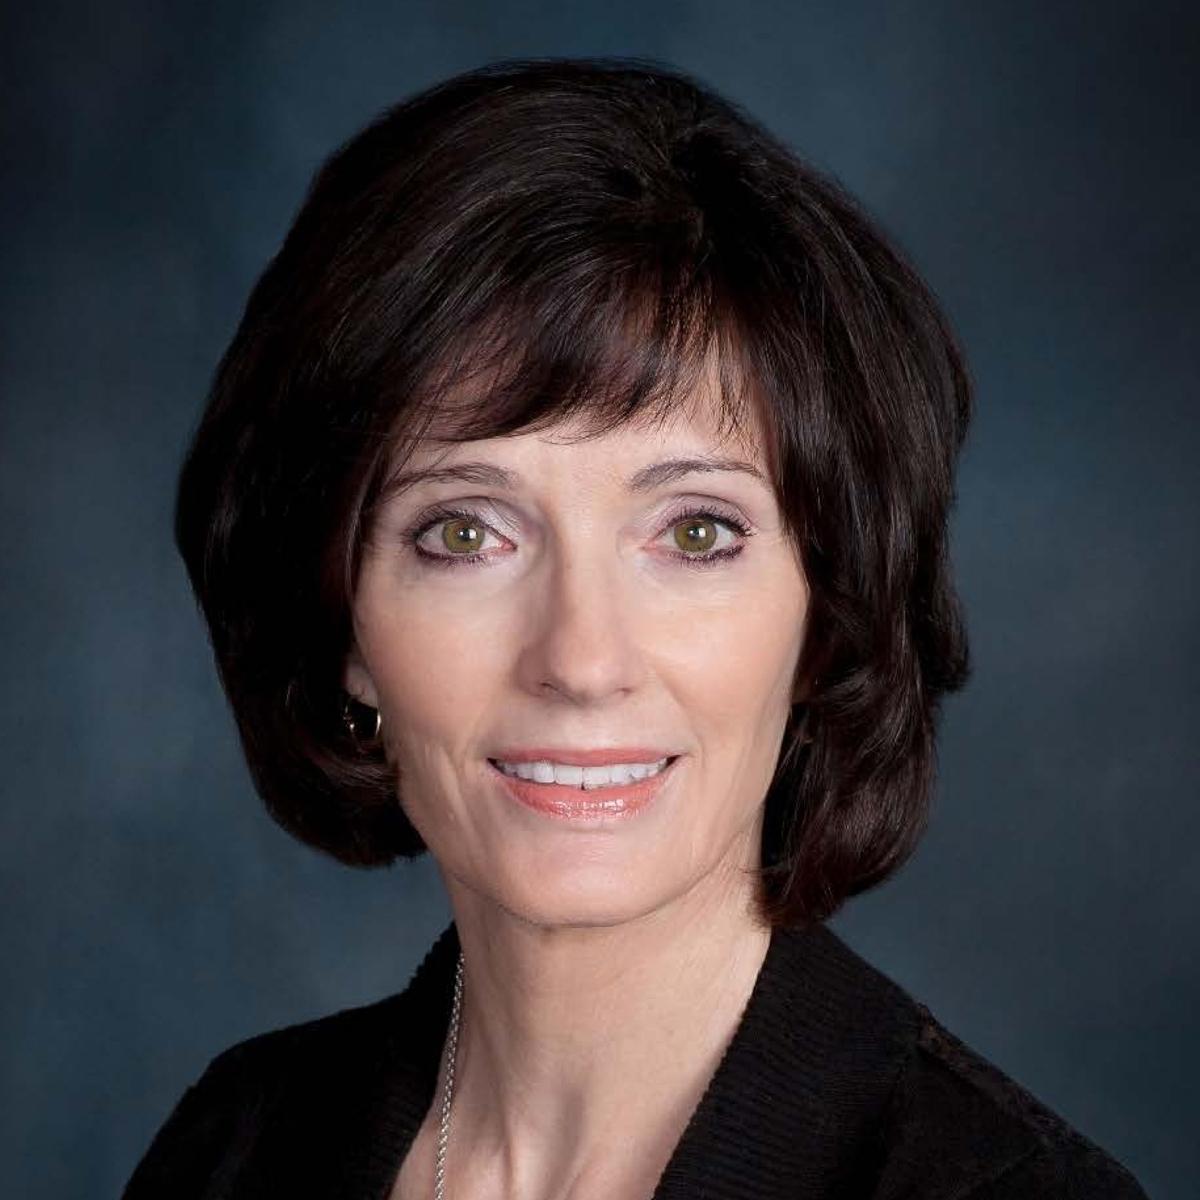 Marion Judish, violin